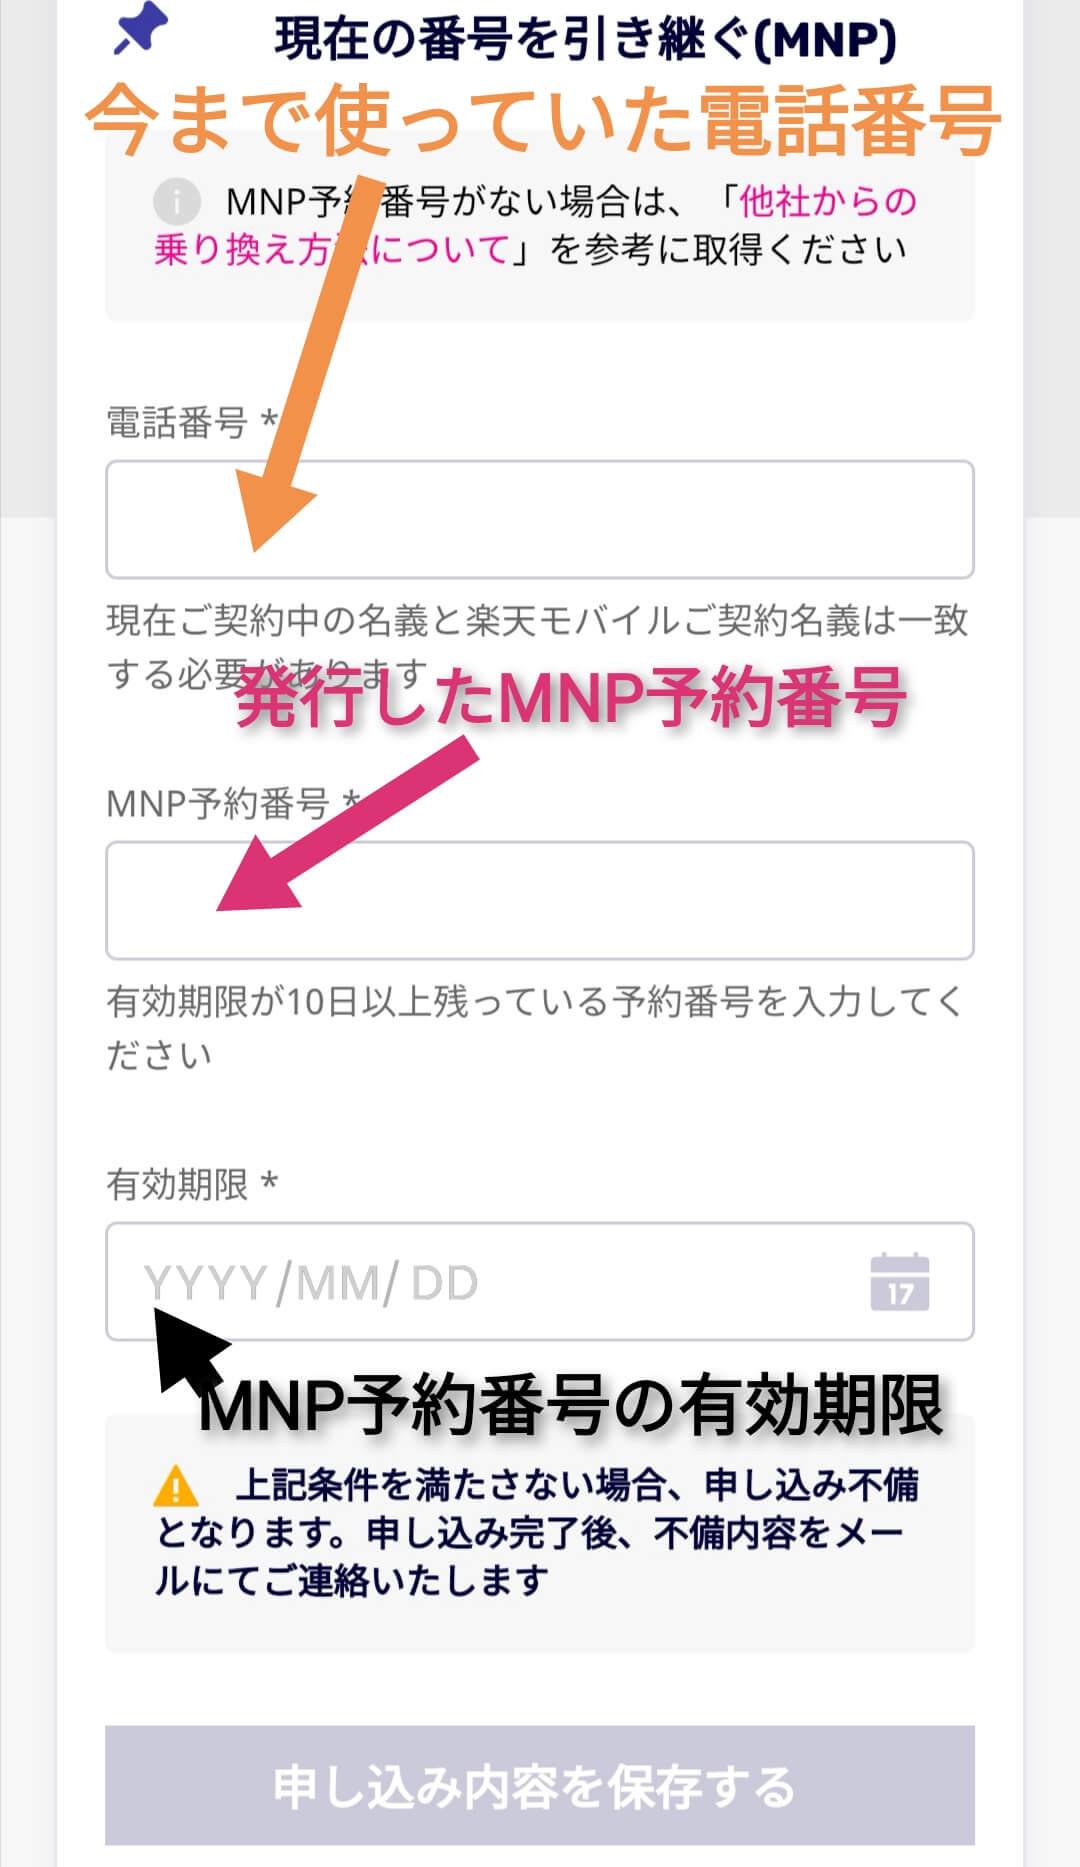 楽天モバイルへMNP予約番号入力